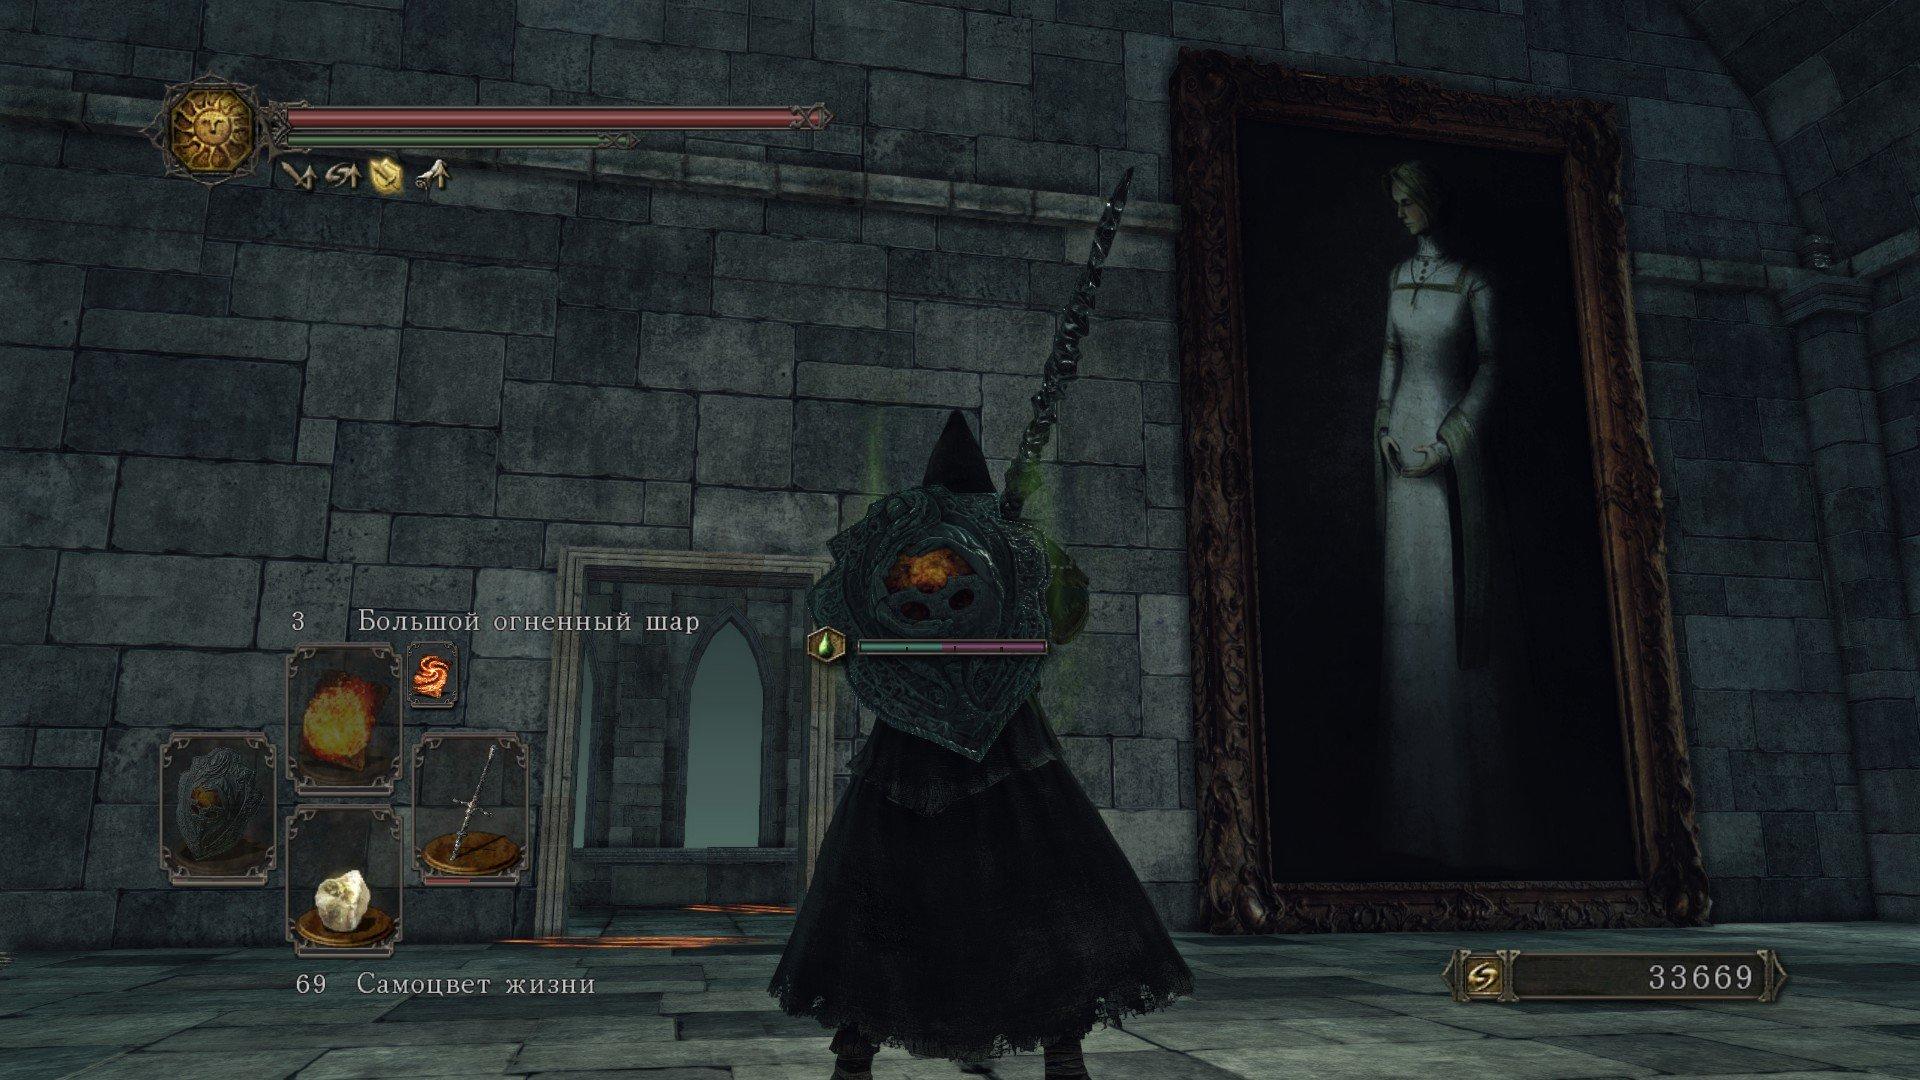 Вопль-прохождение Dark Souls 2 ... получилось много скриншотов -_- - Изображение 3